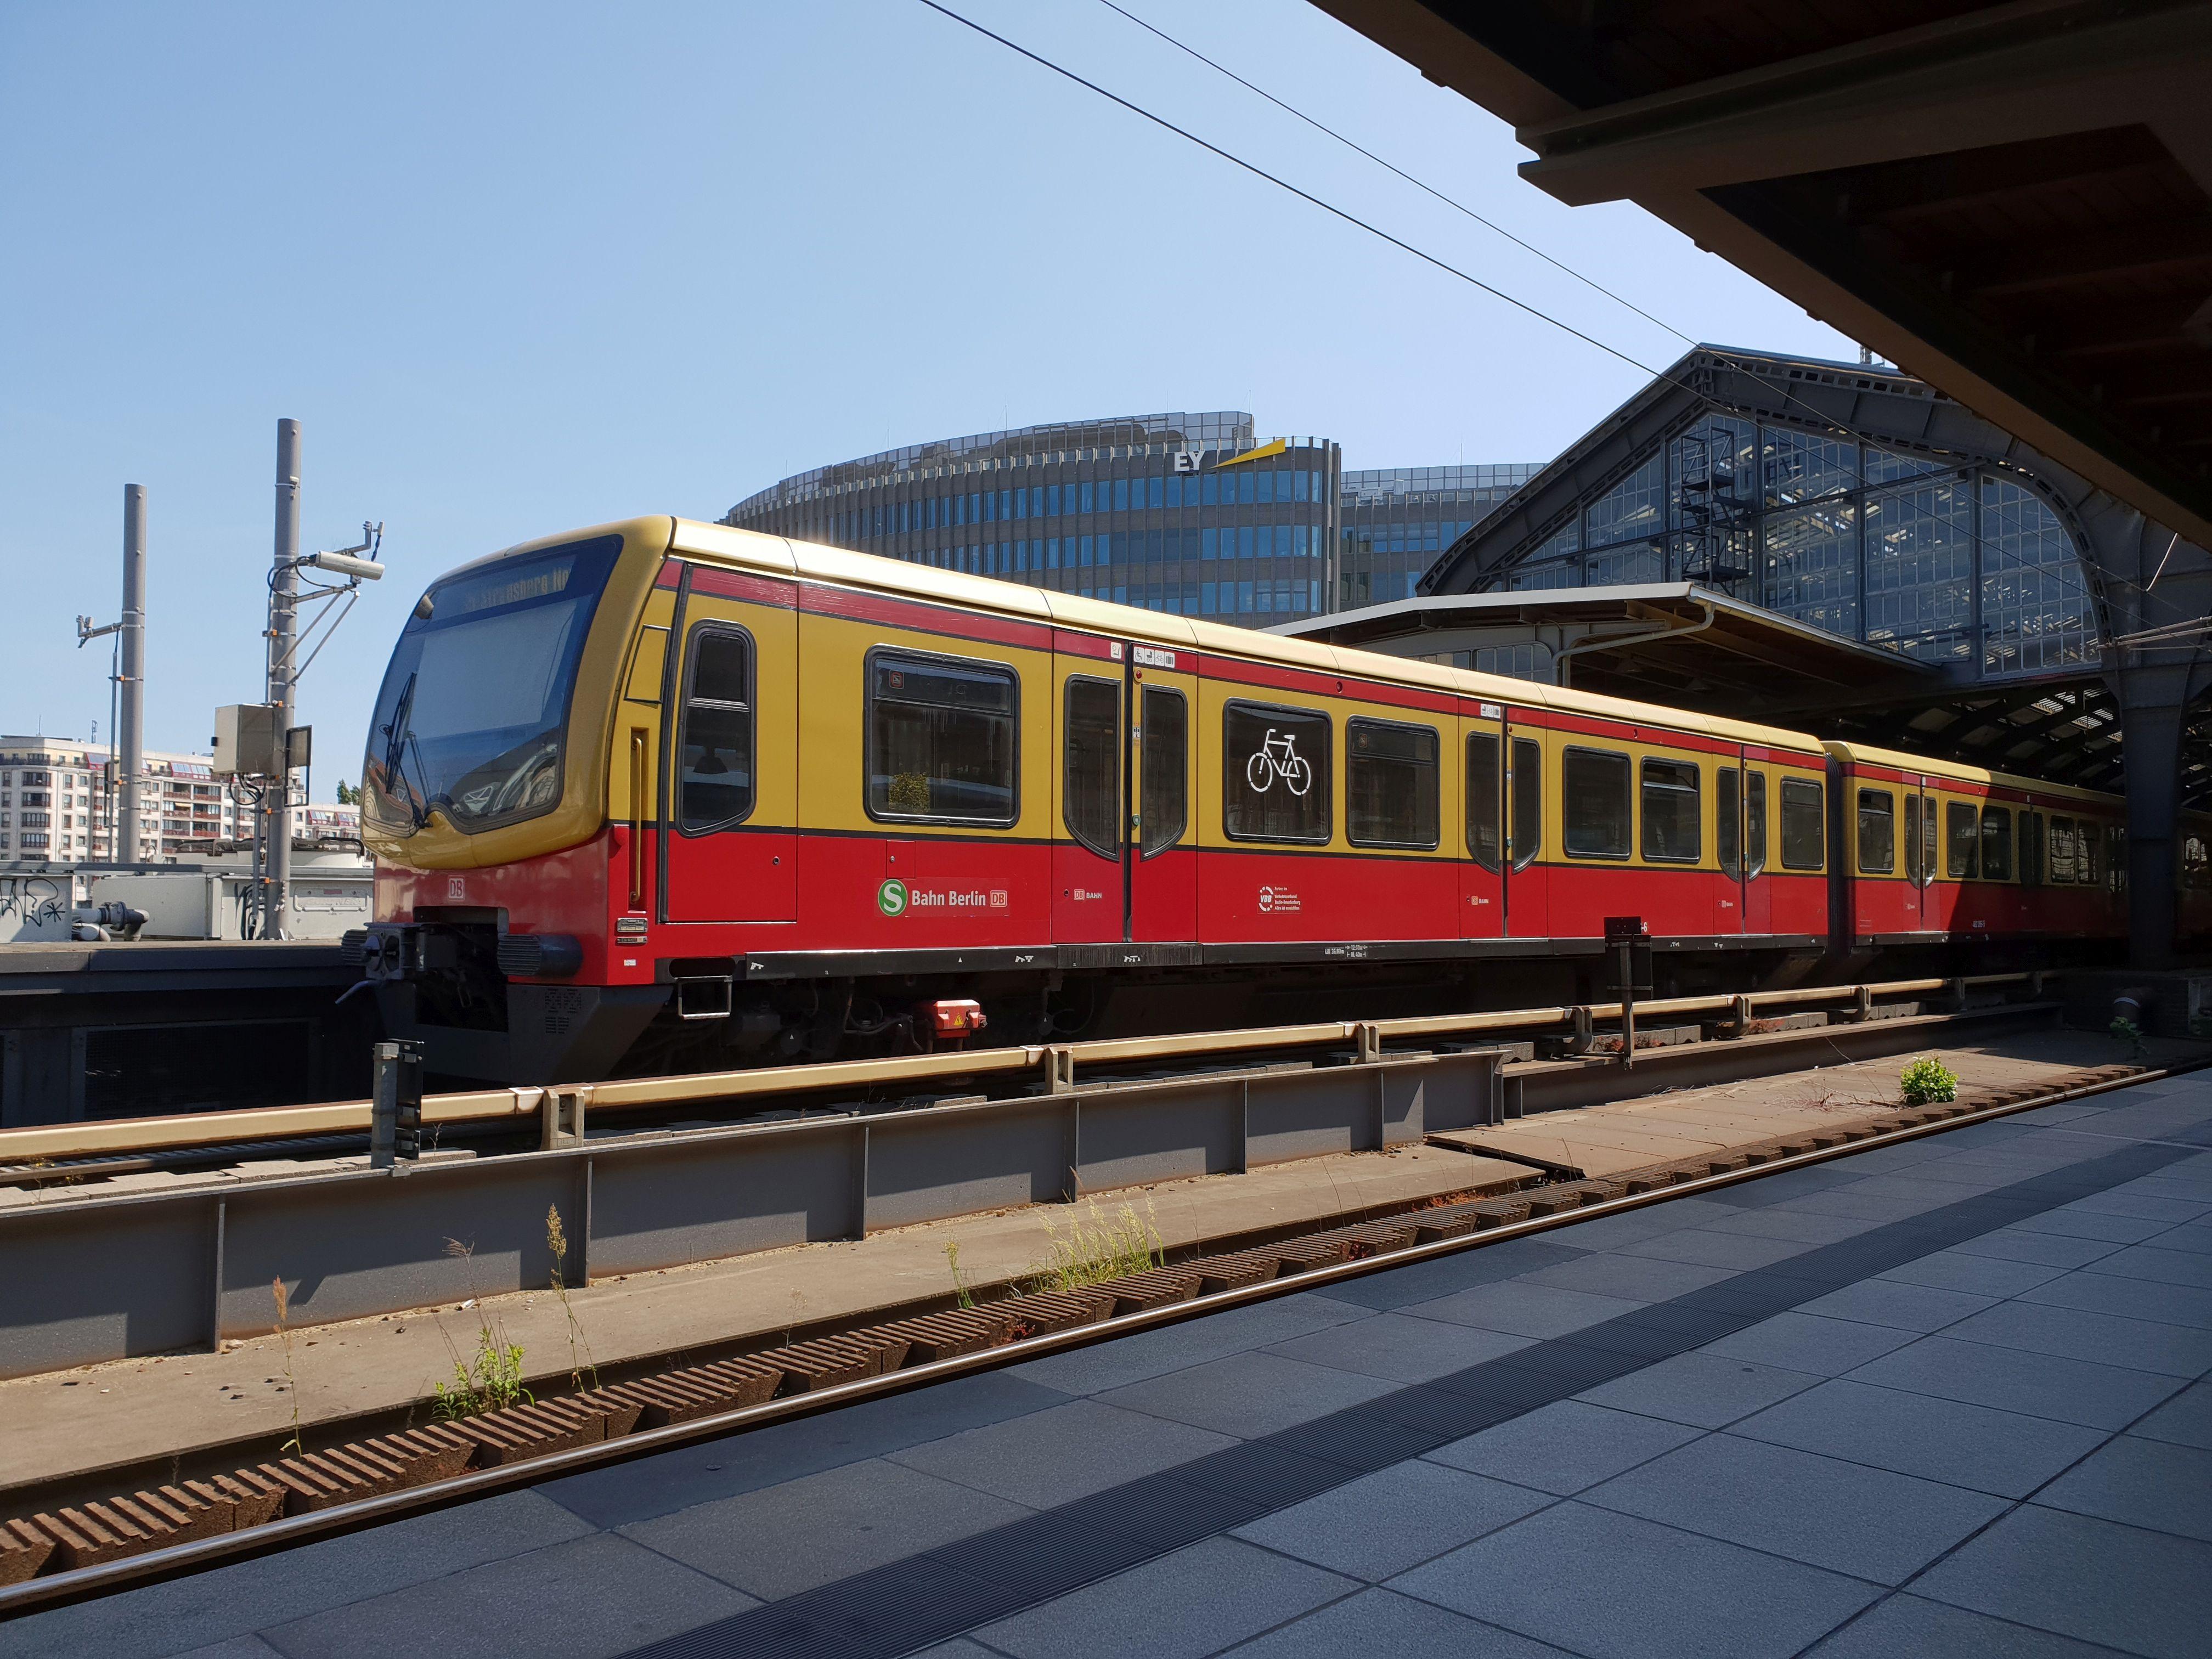 Foto:S-Bahn 481 096, Baureihe481/482, Friedrichstr., 2018